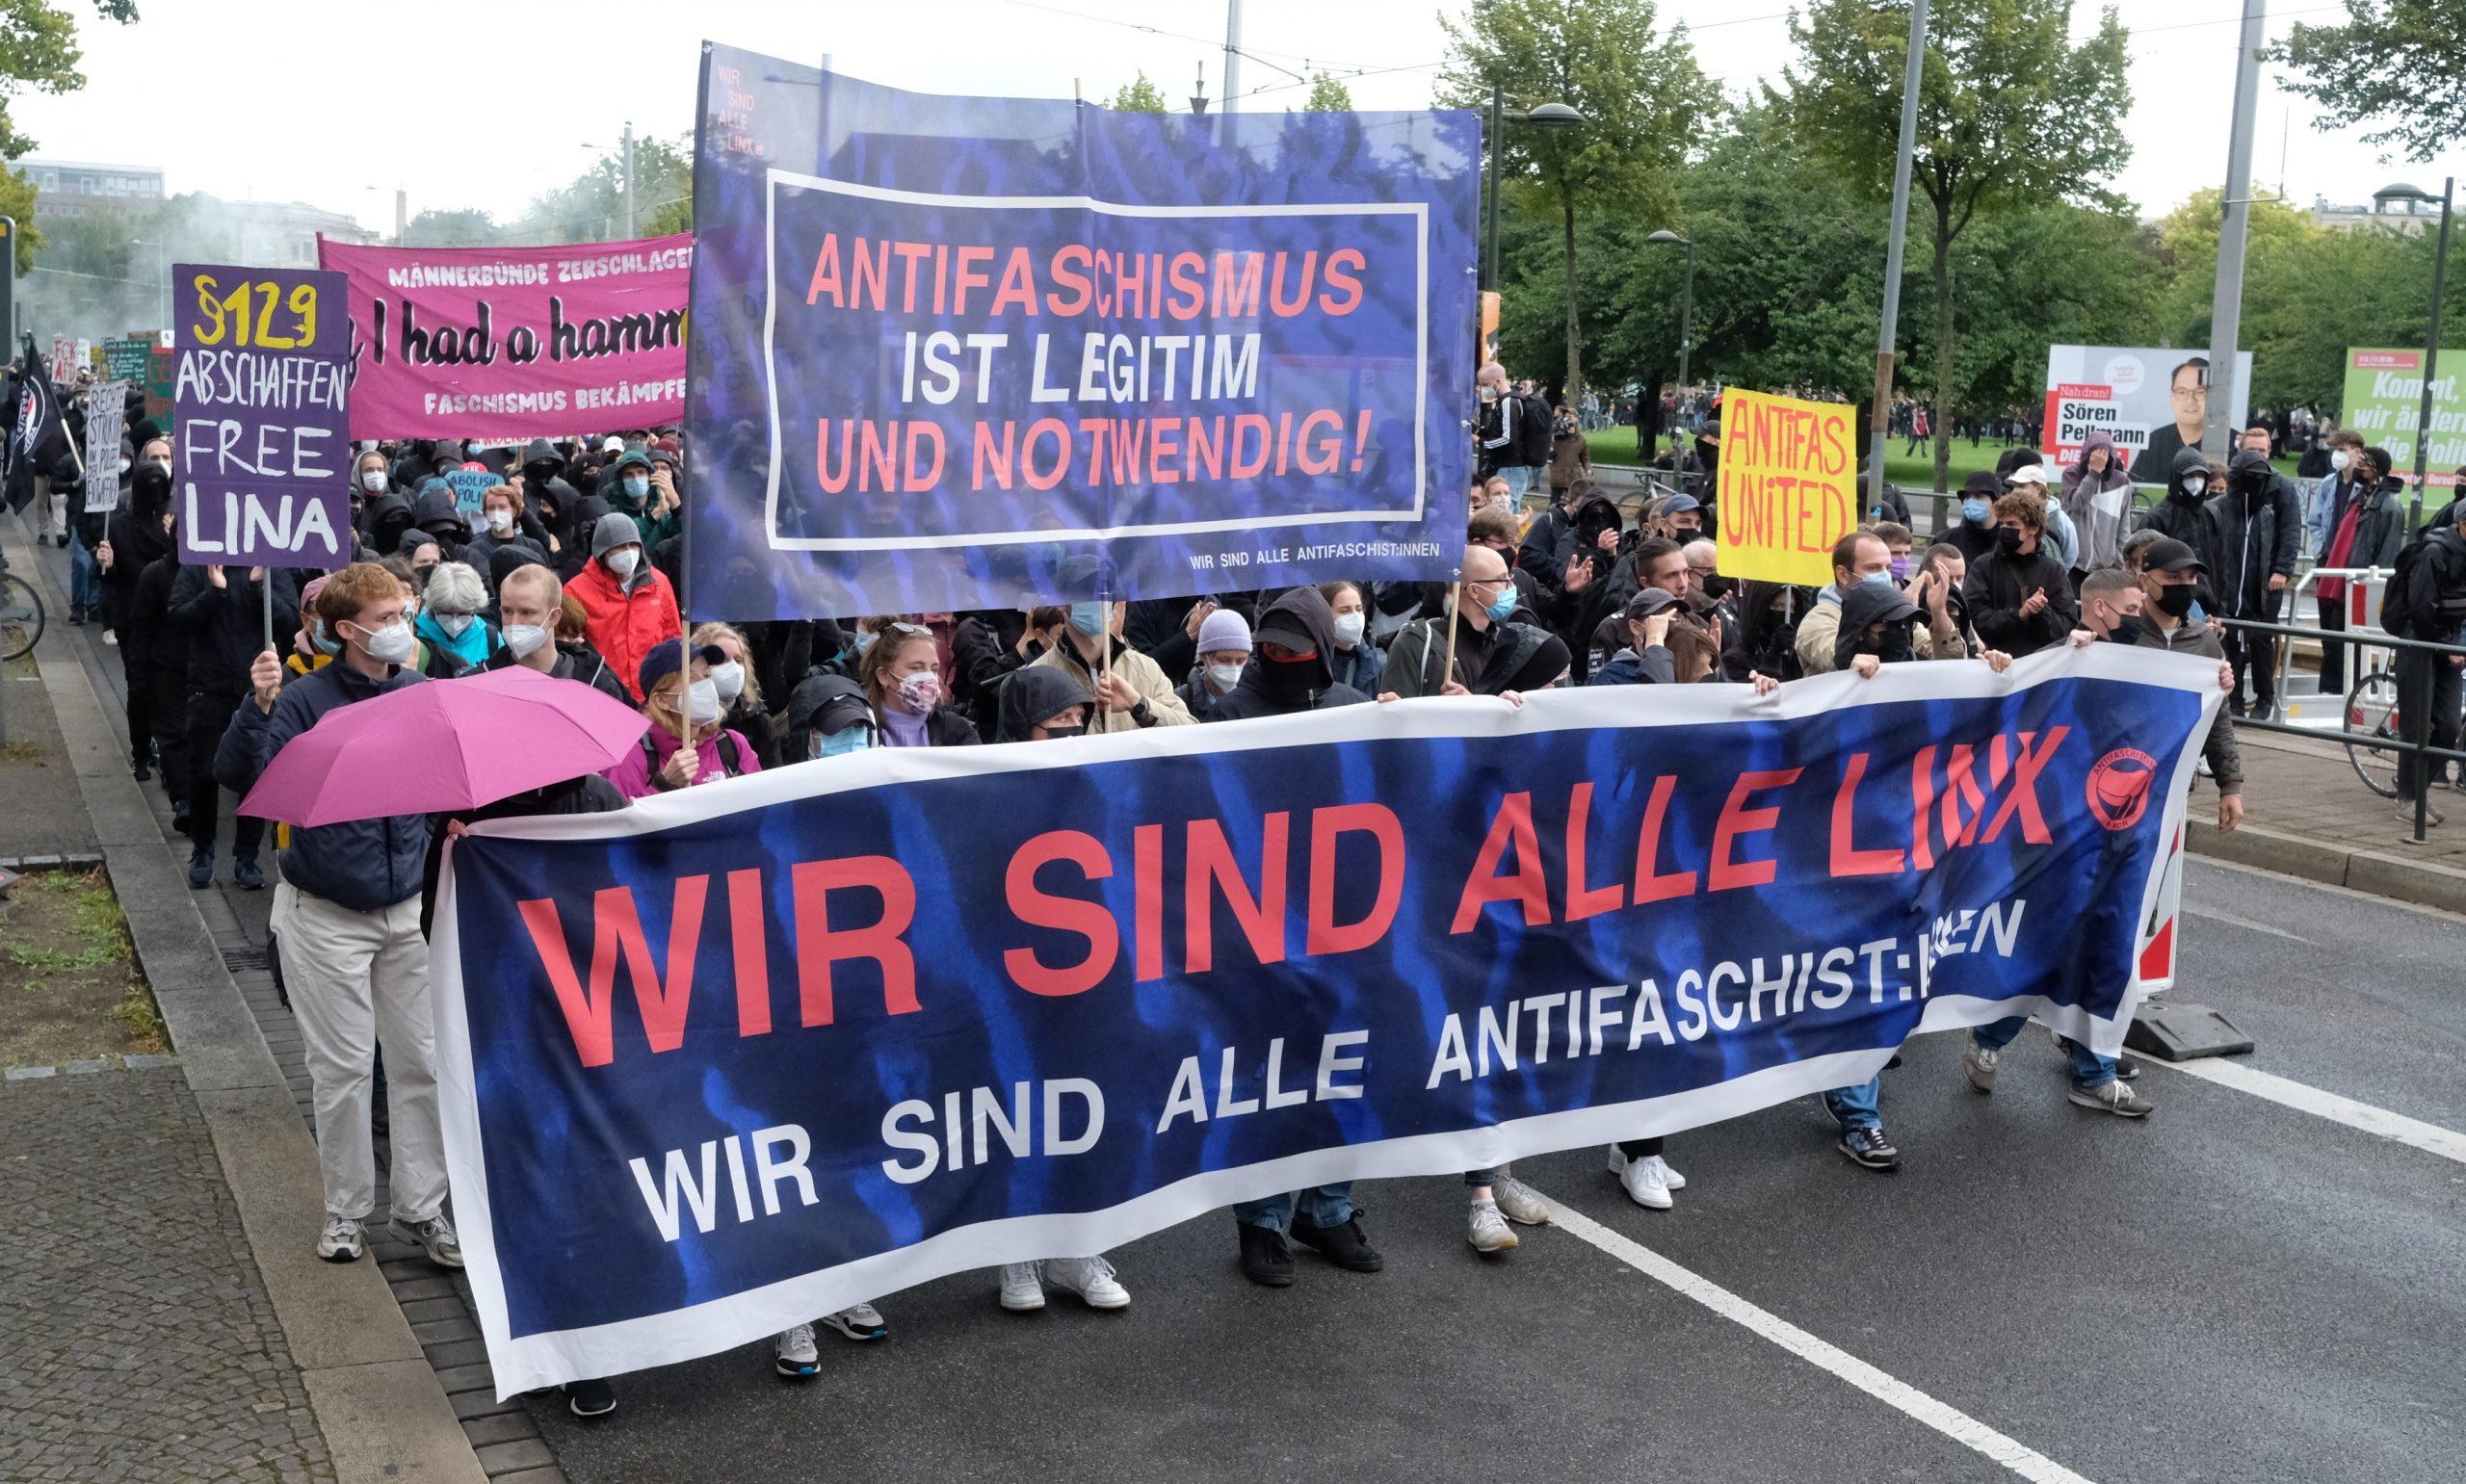 """Teilnehmer einer linken Demonstration gehen durch die Karl-Liebknecht-Straße. Für die Demo hat das Kampagnenbündnis """"Wir sind alle Linx"""" bundesweit mobilisiert."""